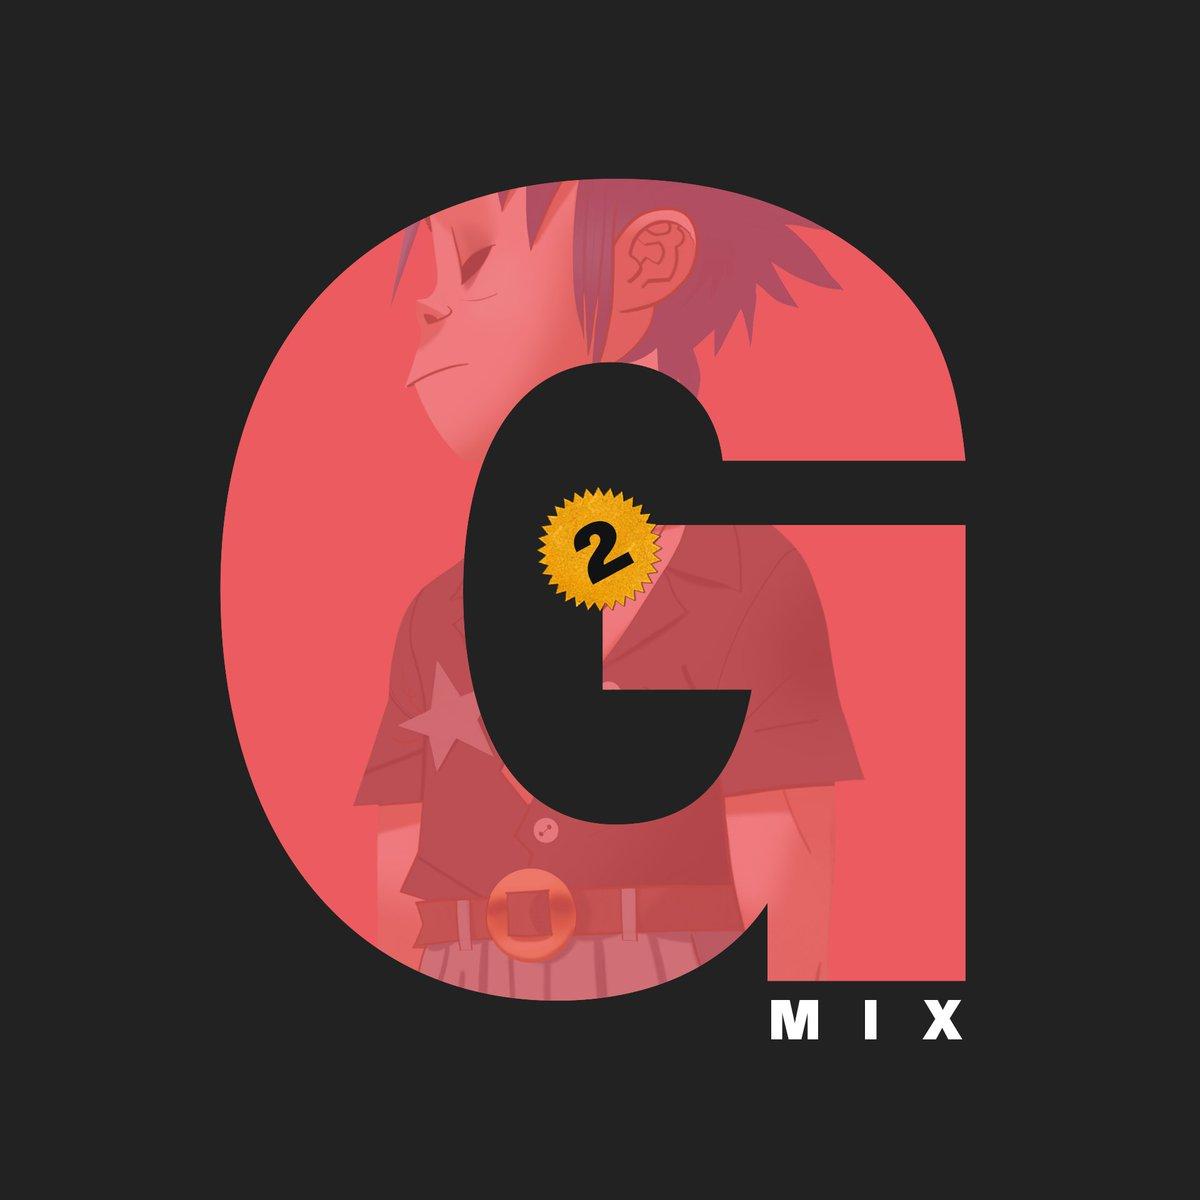 G-Mix: 2D 2